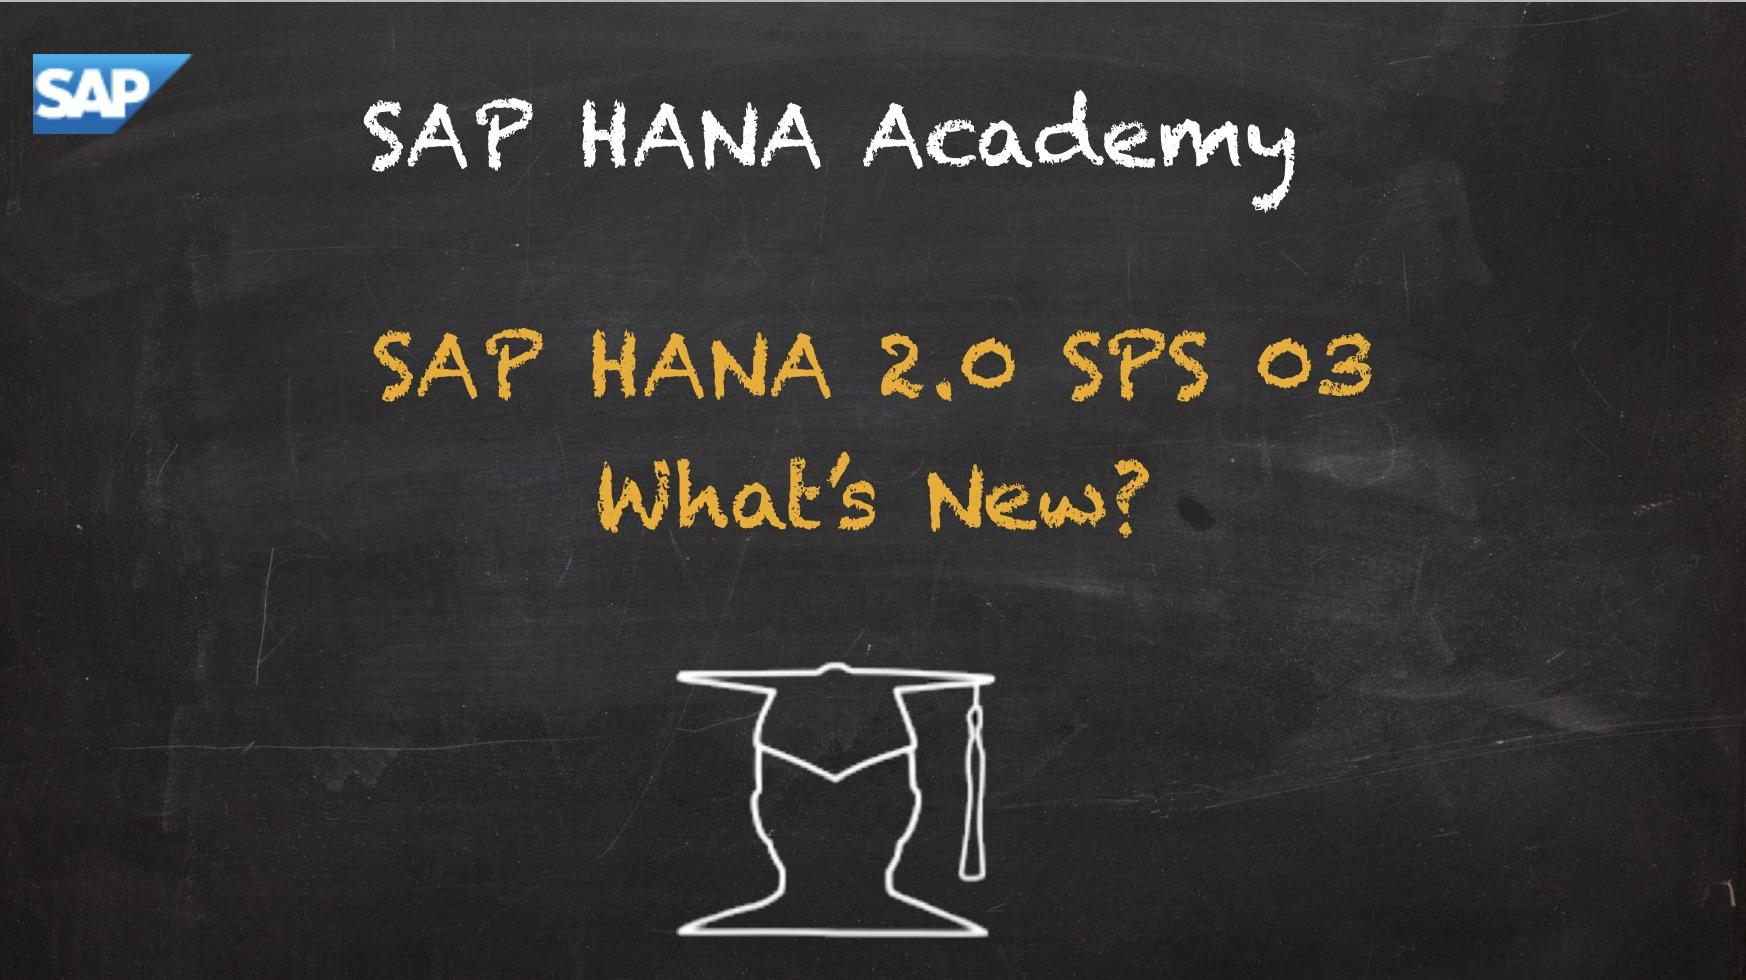 SAP S4 HANA 2.0